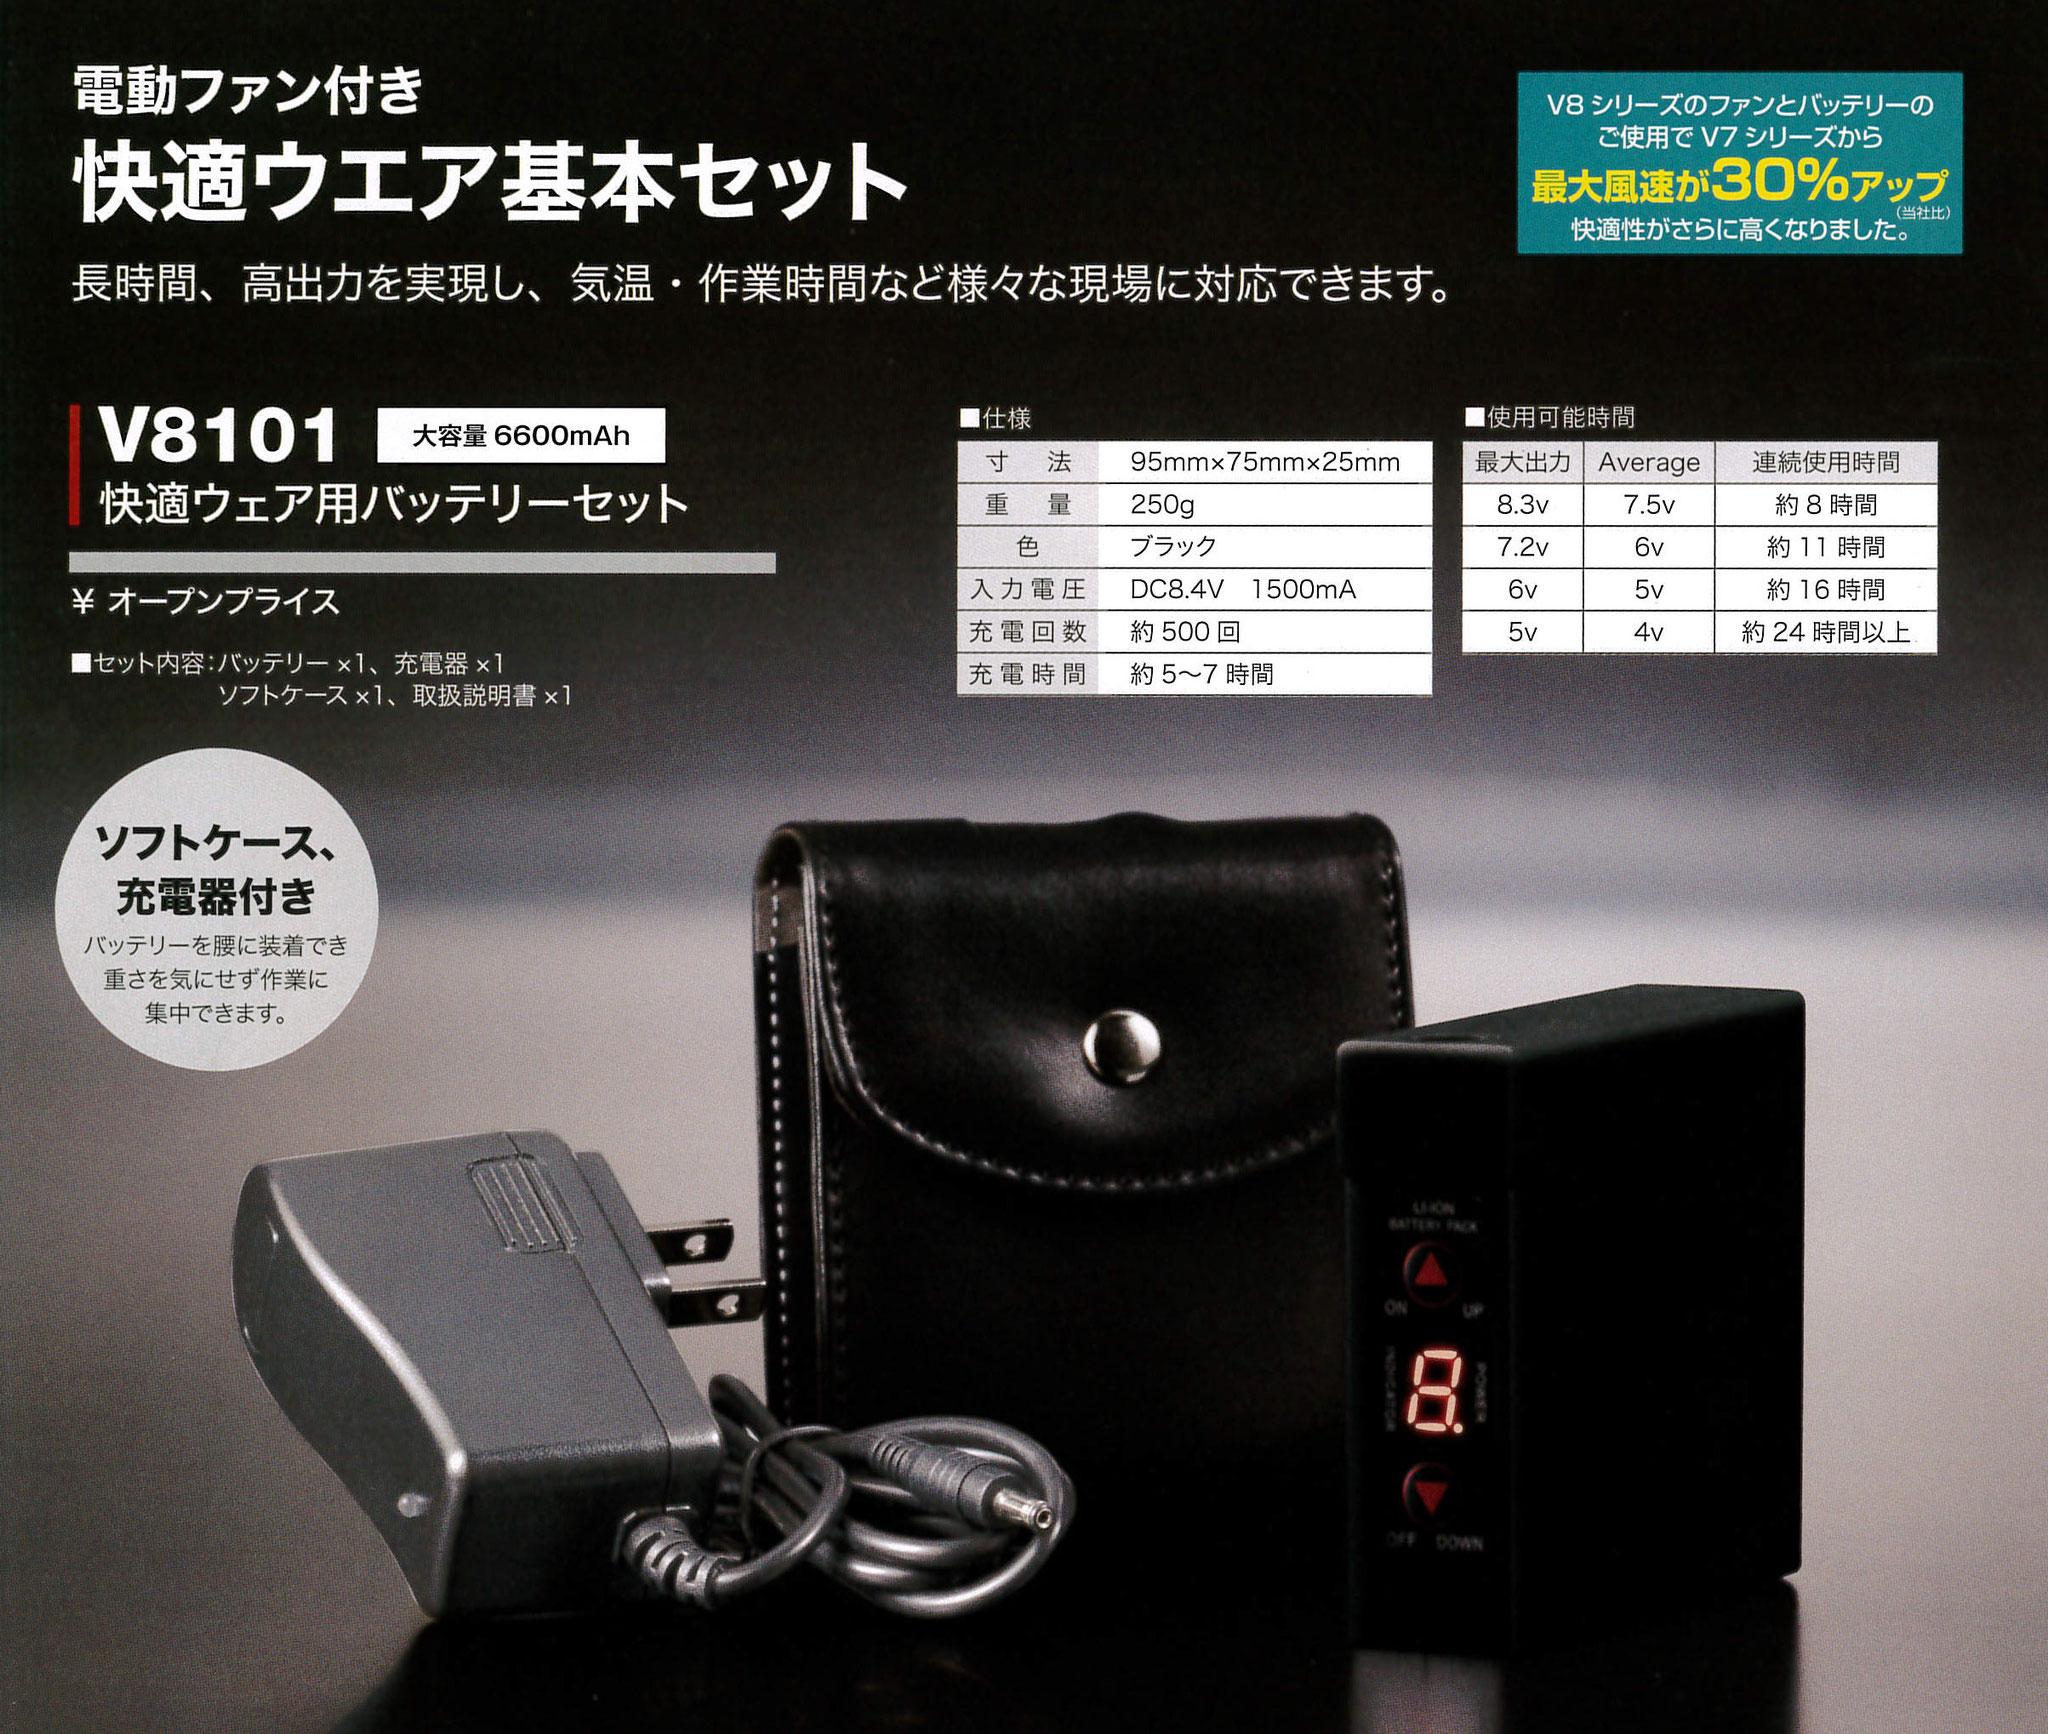 V1301バッテリーセット ¥1,1900(税込)